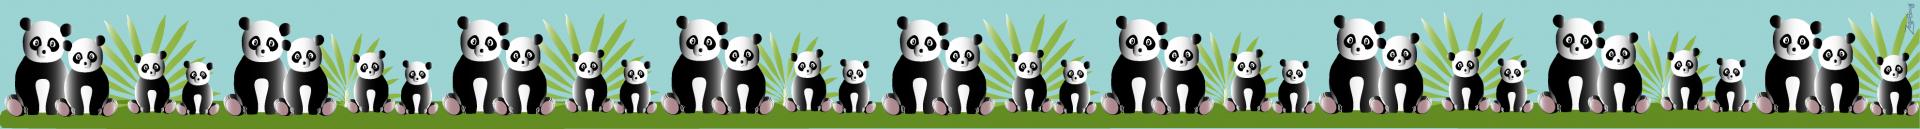 Pandas 1